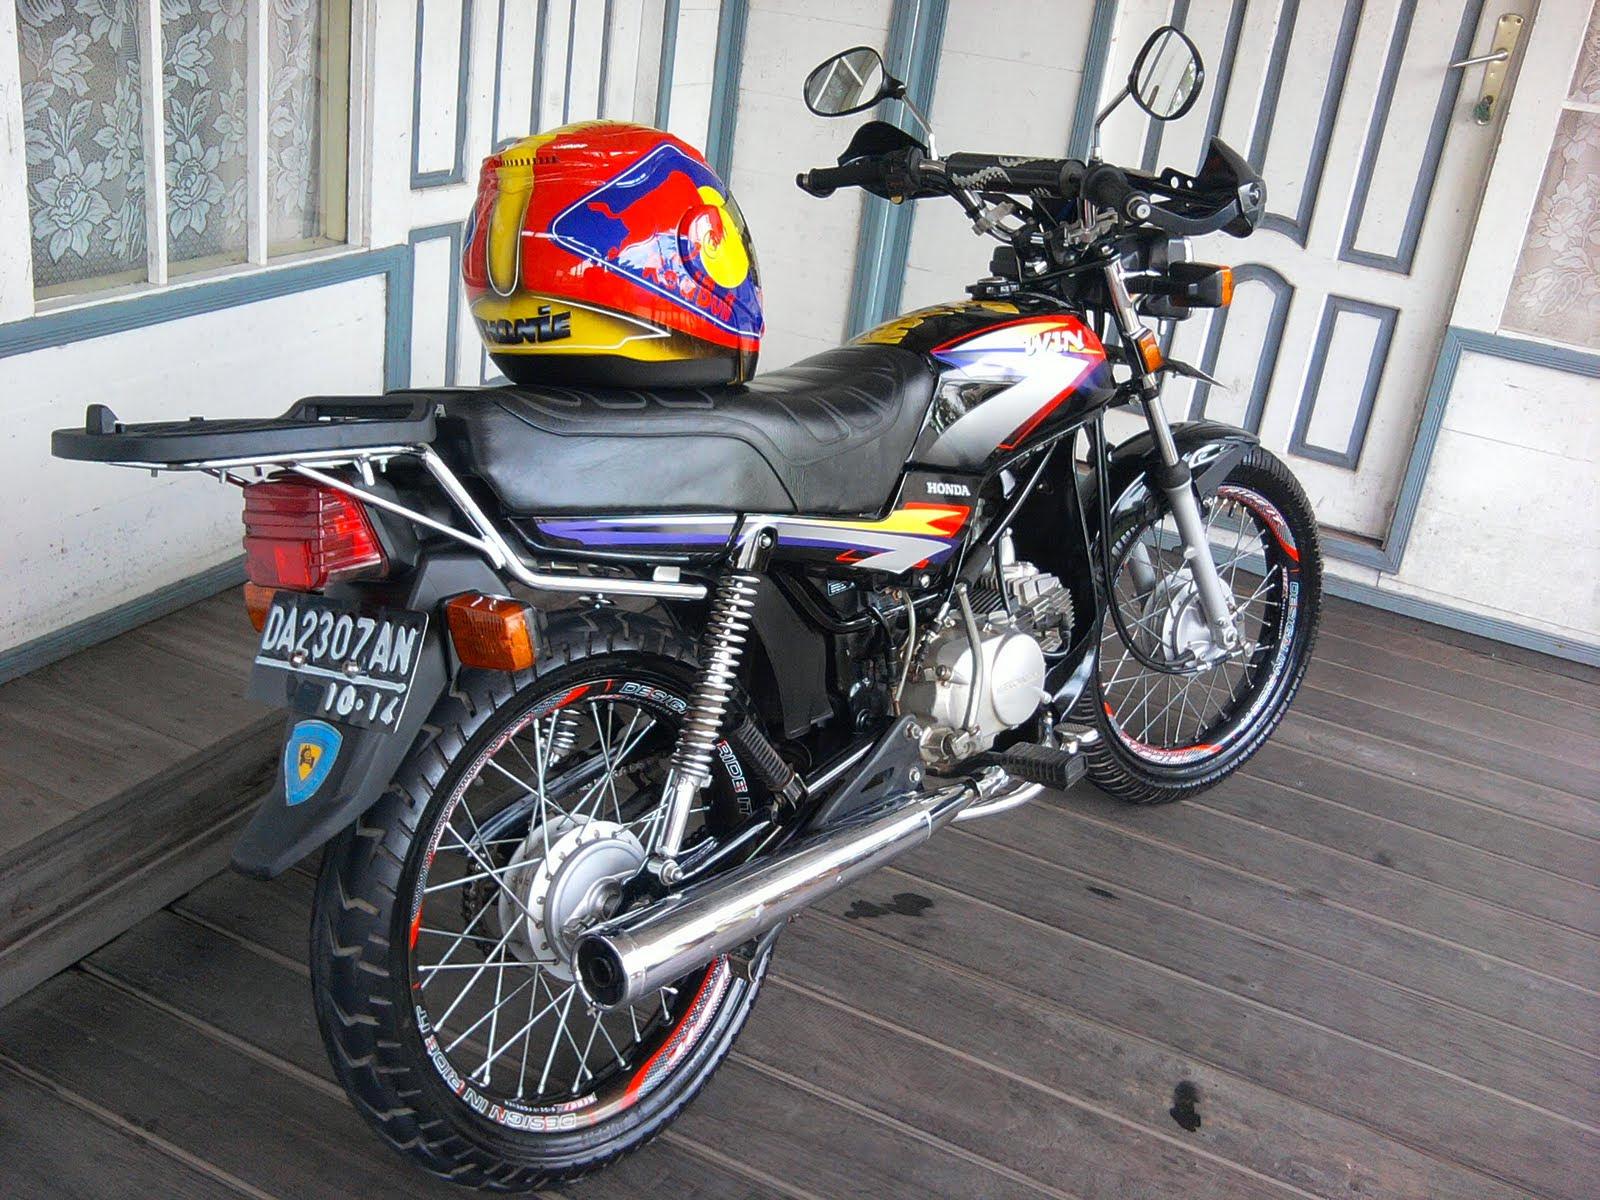 INFORMASI KITA Kumpulan Foto Modifikasi Honda Revo Lama Terlengkap